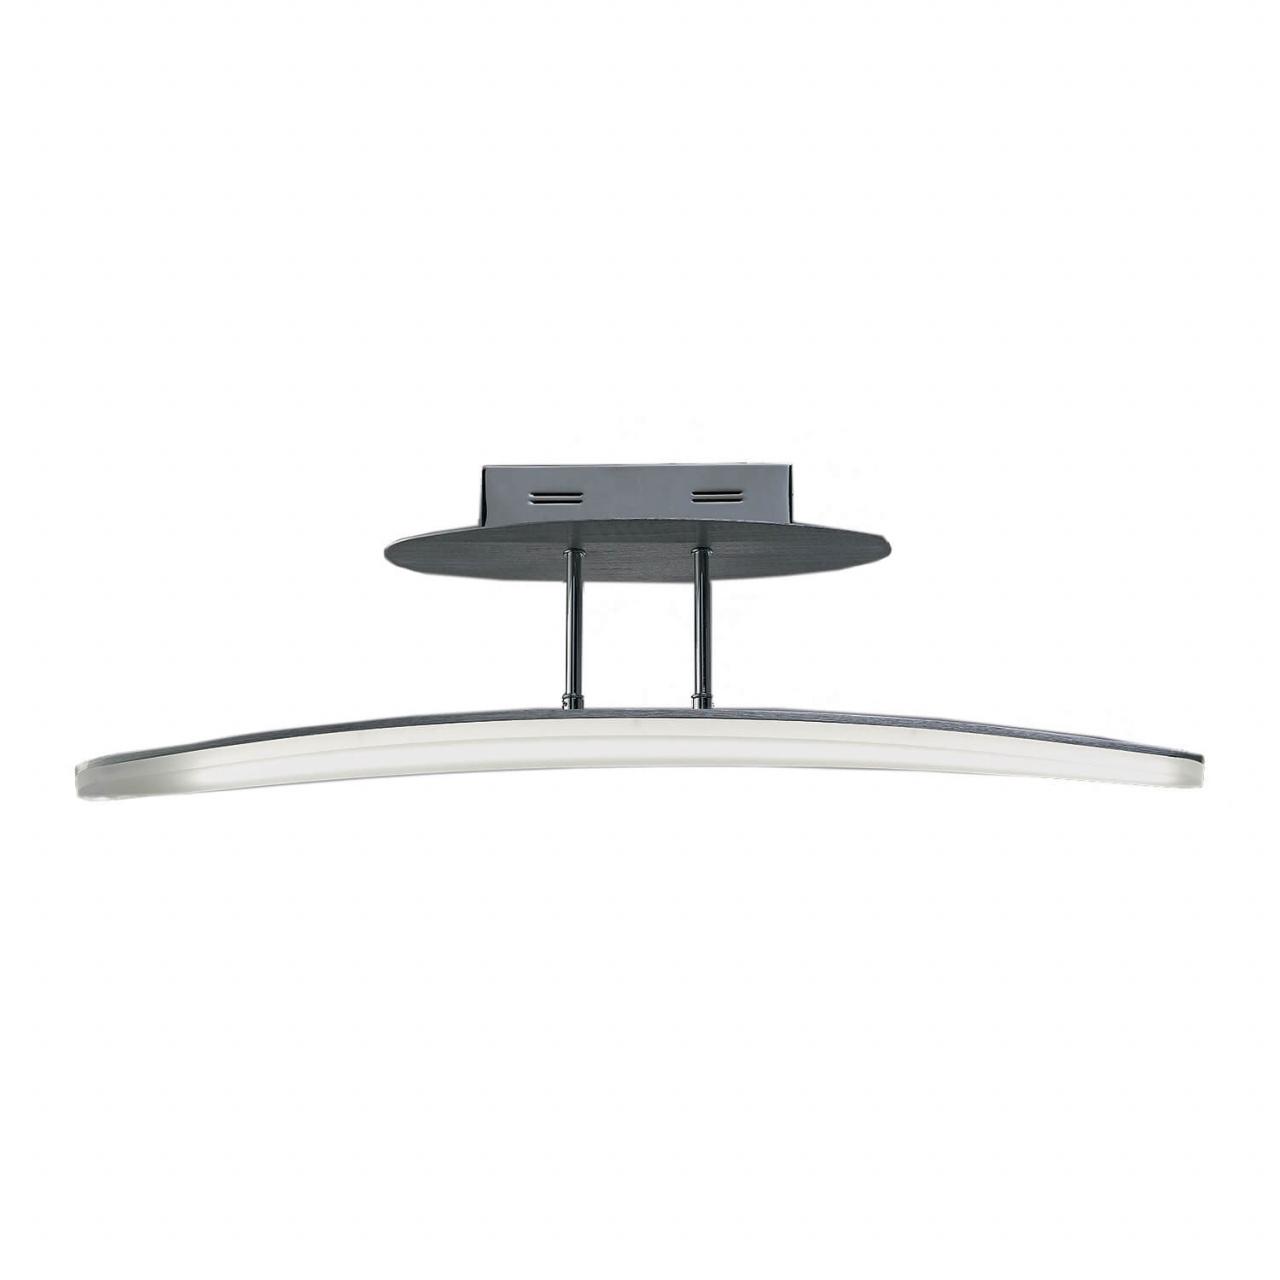 Потолочный светодиодный светильник Mantra Hemisferic 4083 стоимость